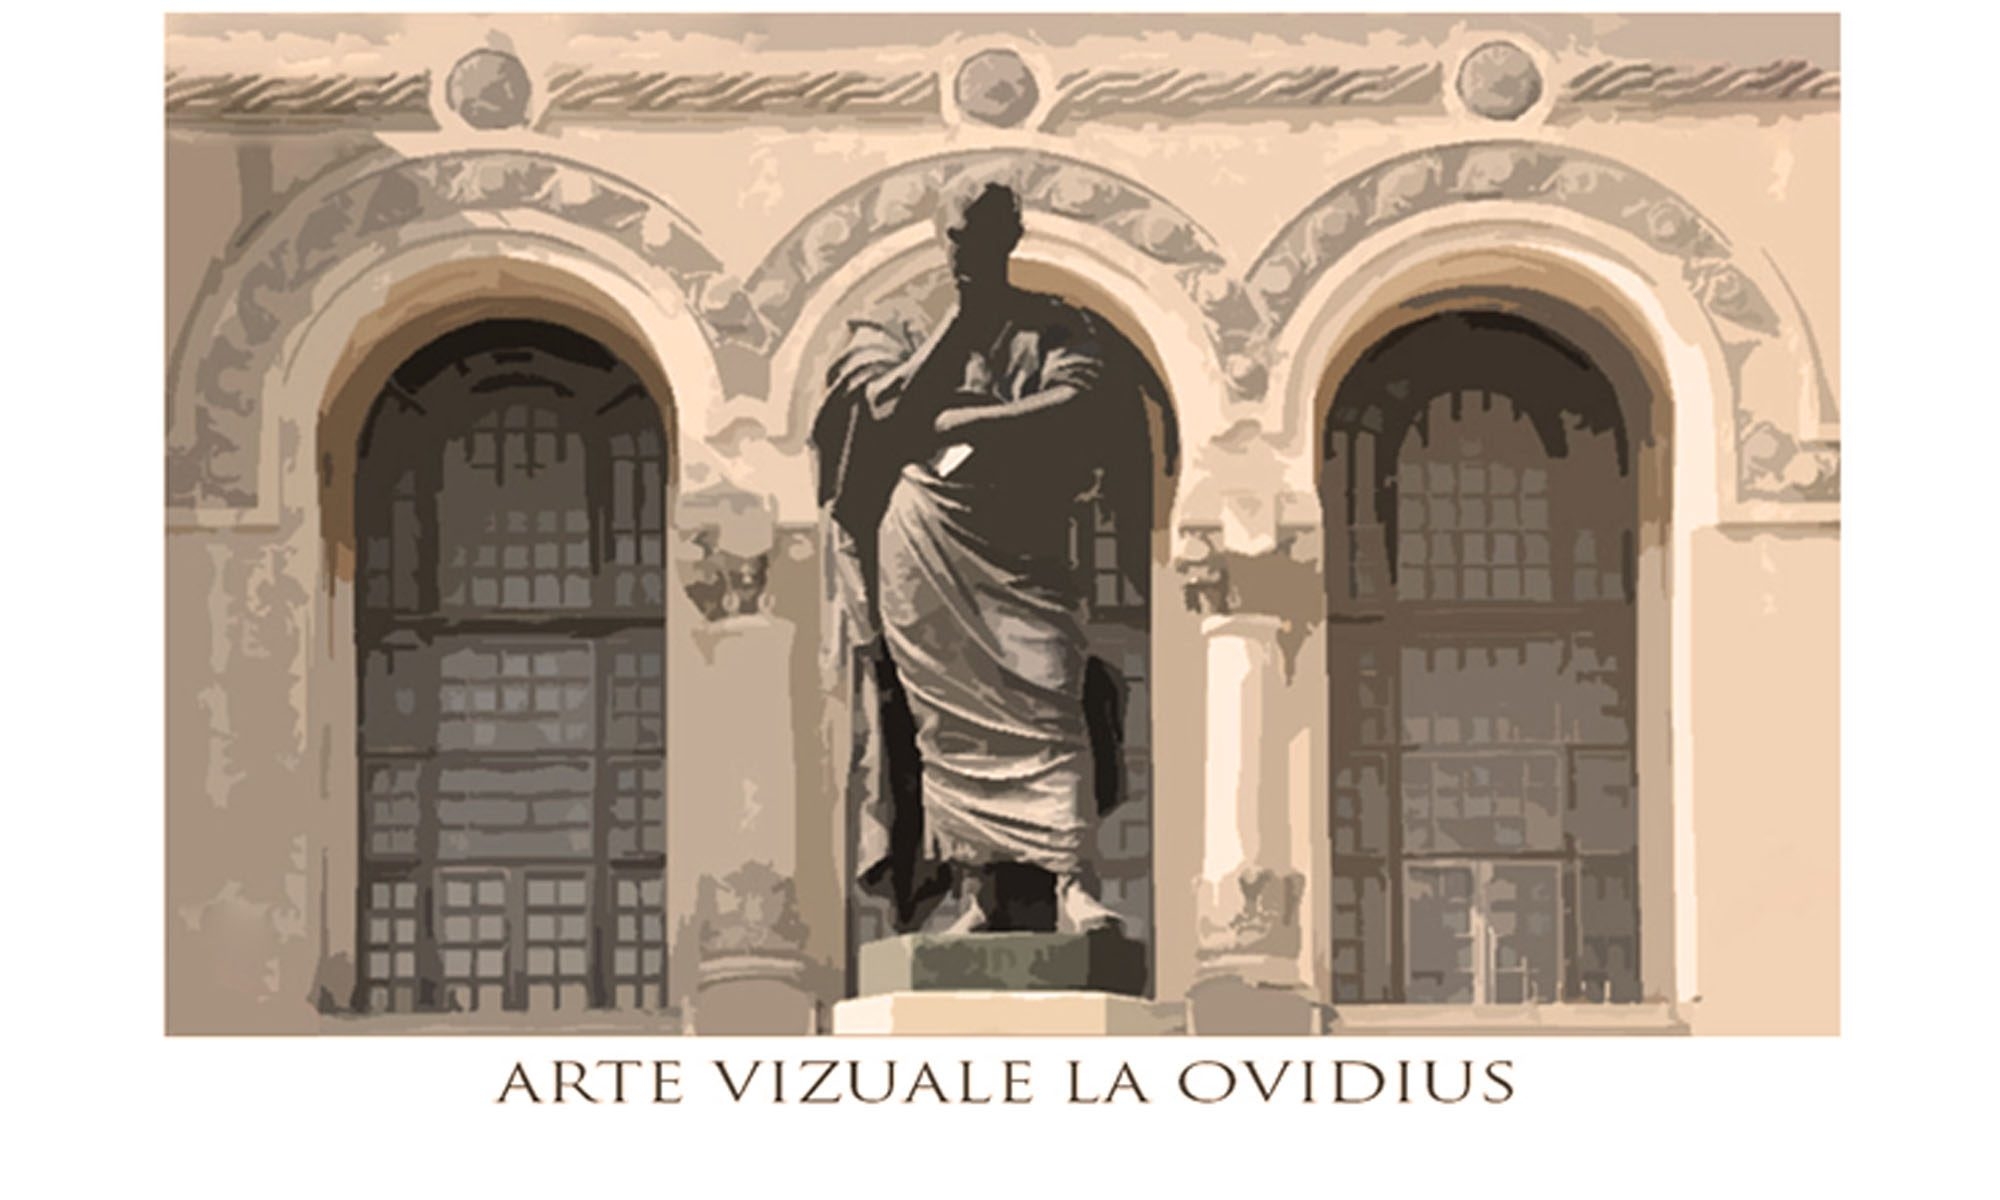 ARTE VIZUALE LA OVIDIUS